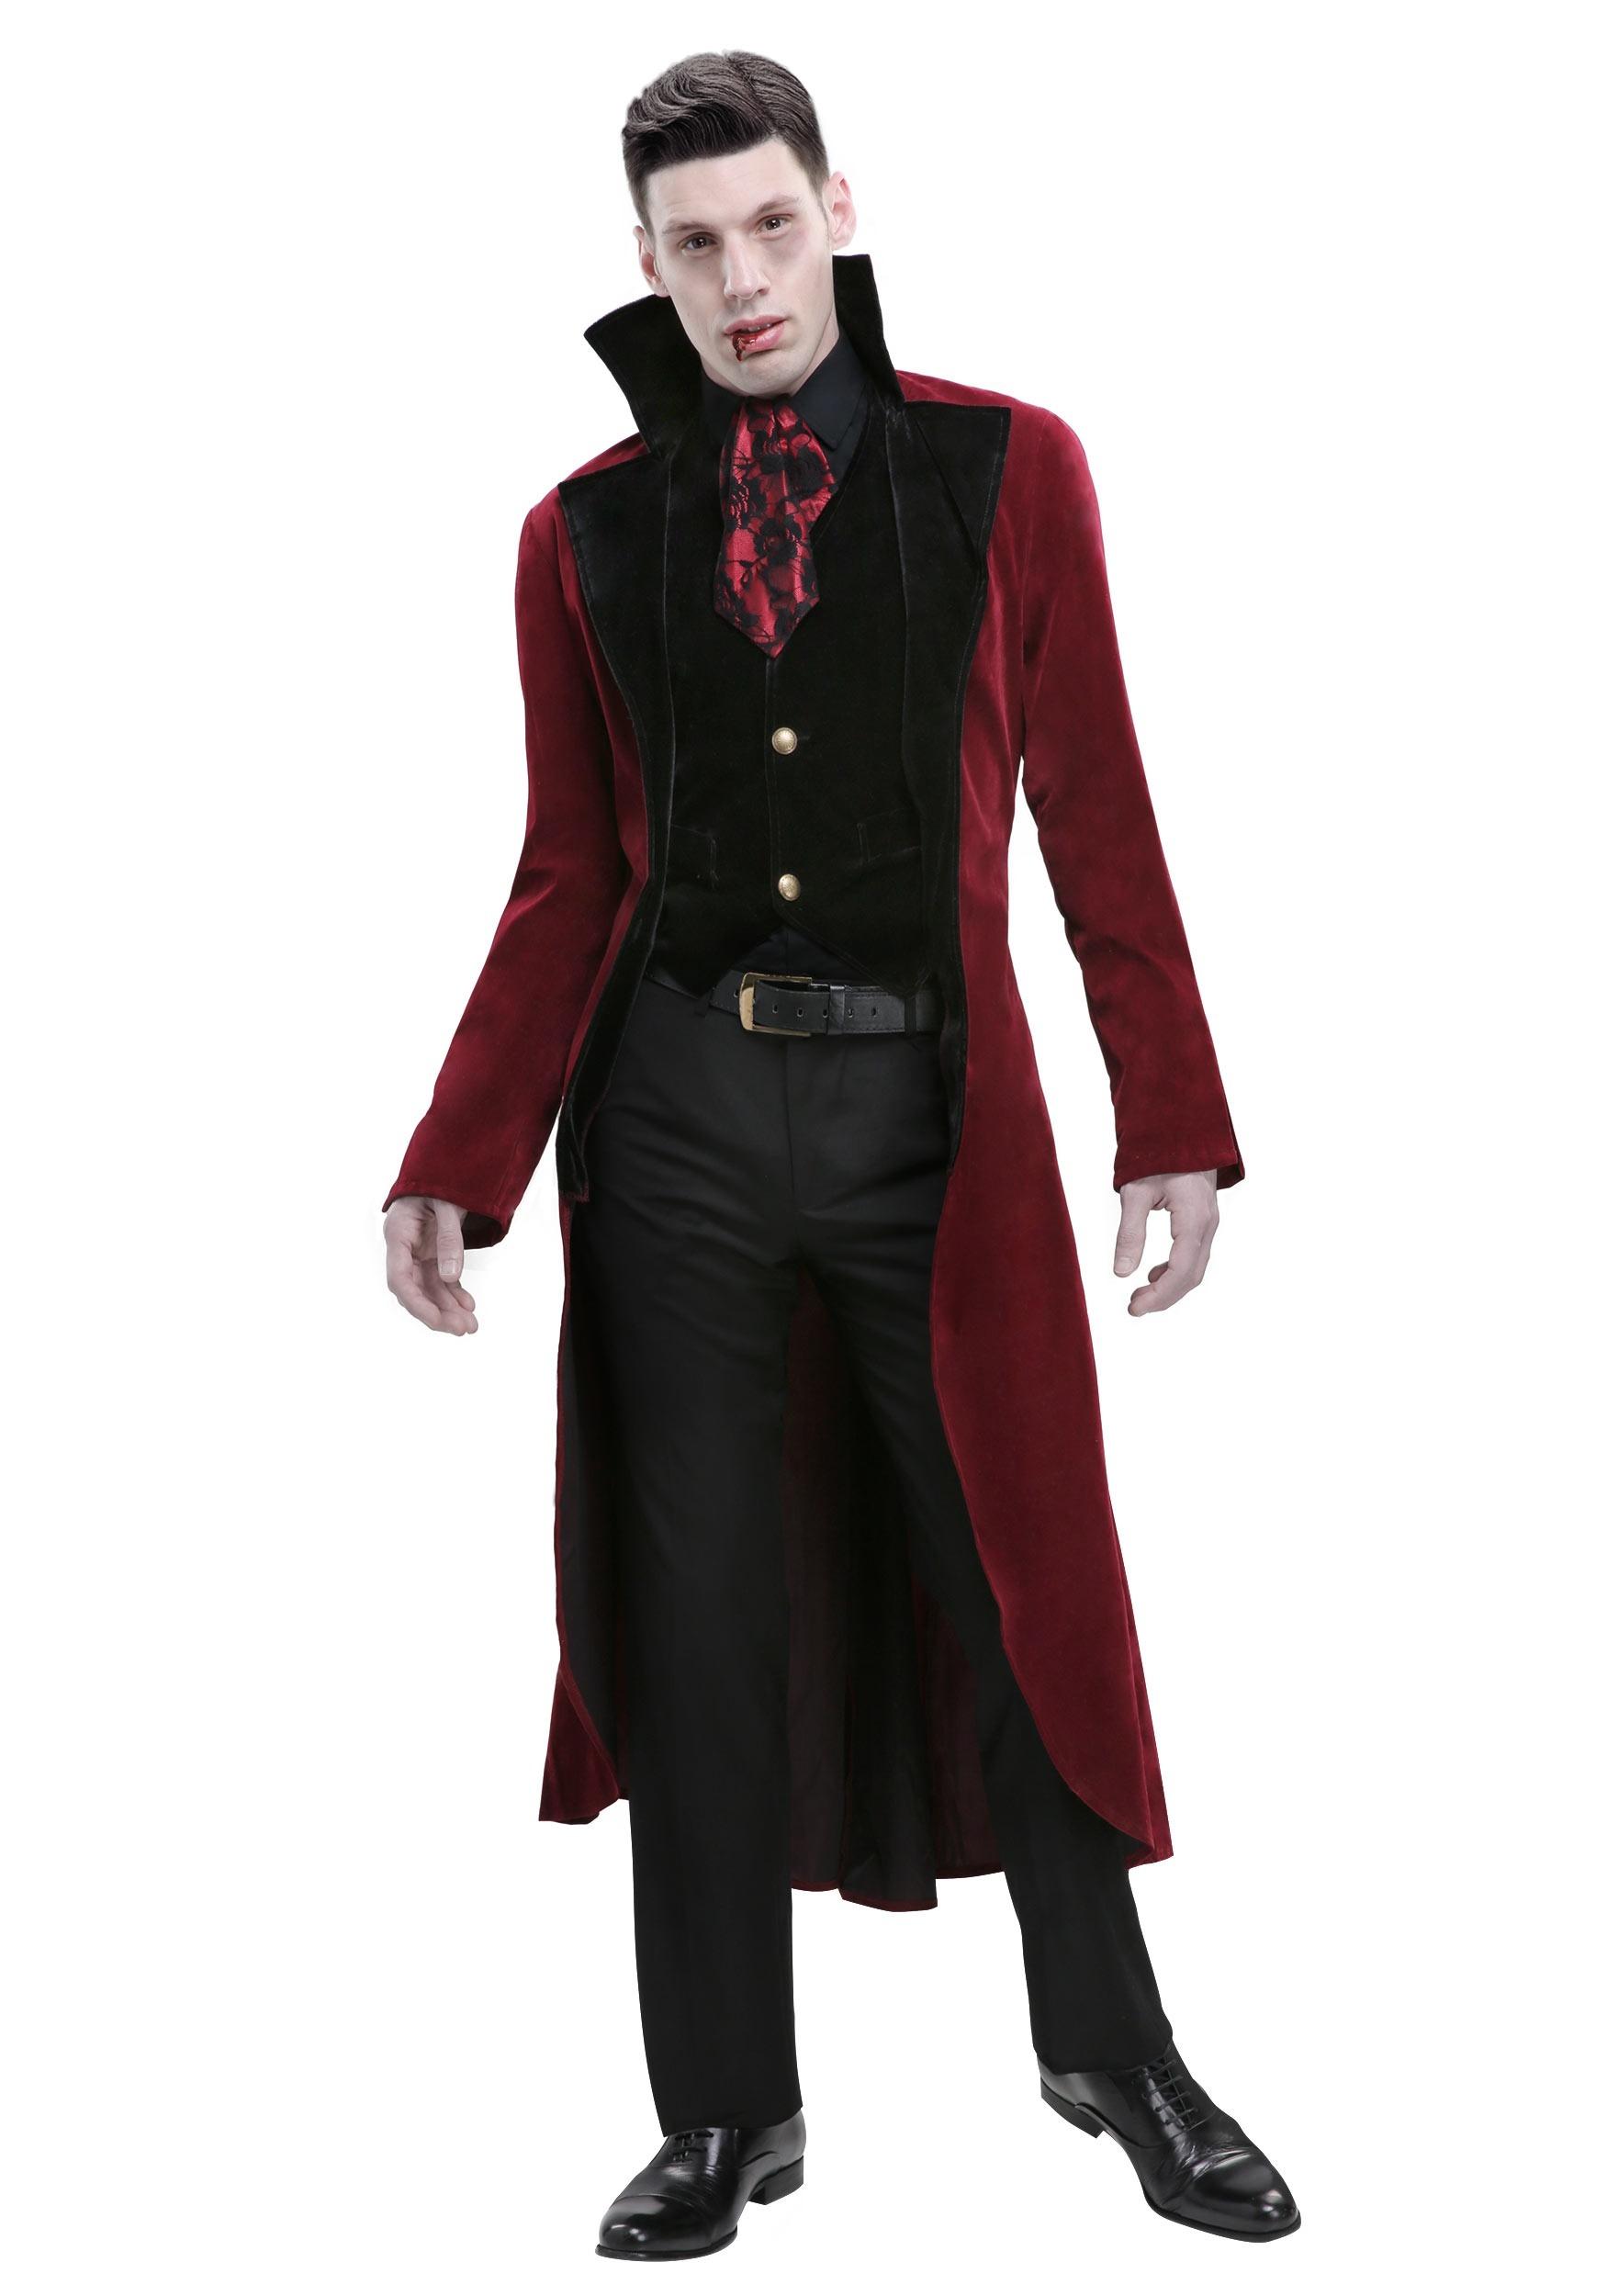 Sexy Vampire Costume Men : vampire, costume, Men's, Dreadful, Vampire, Costume